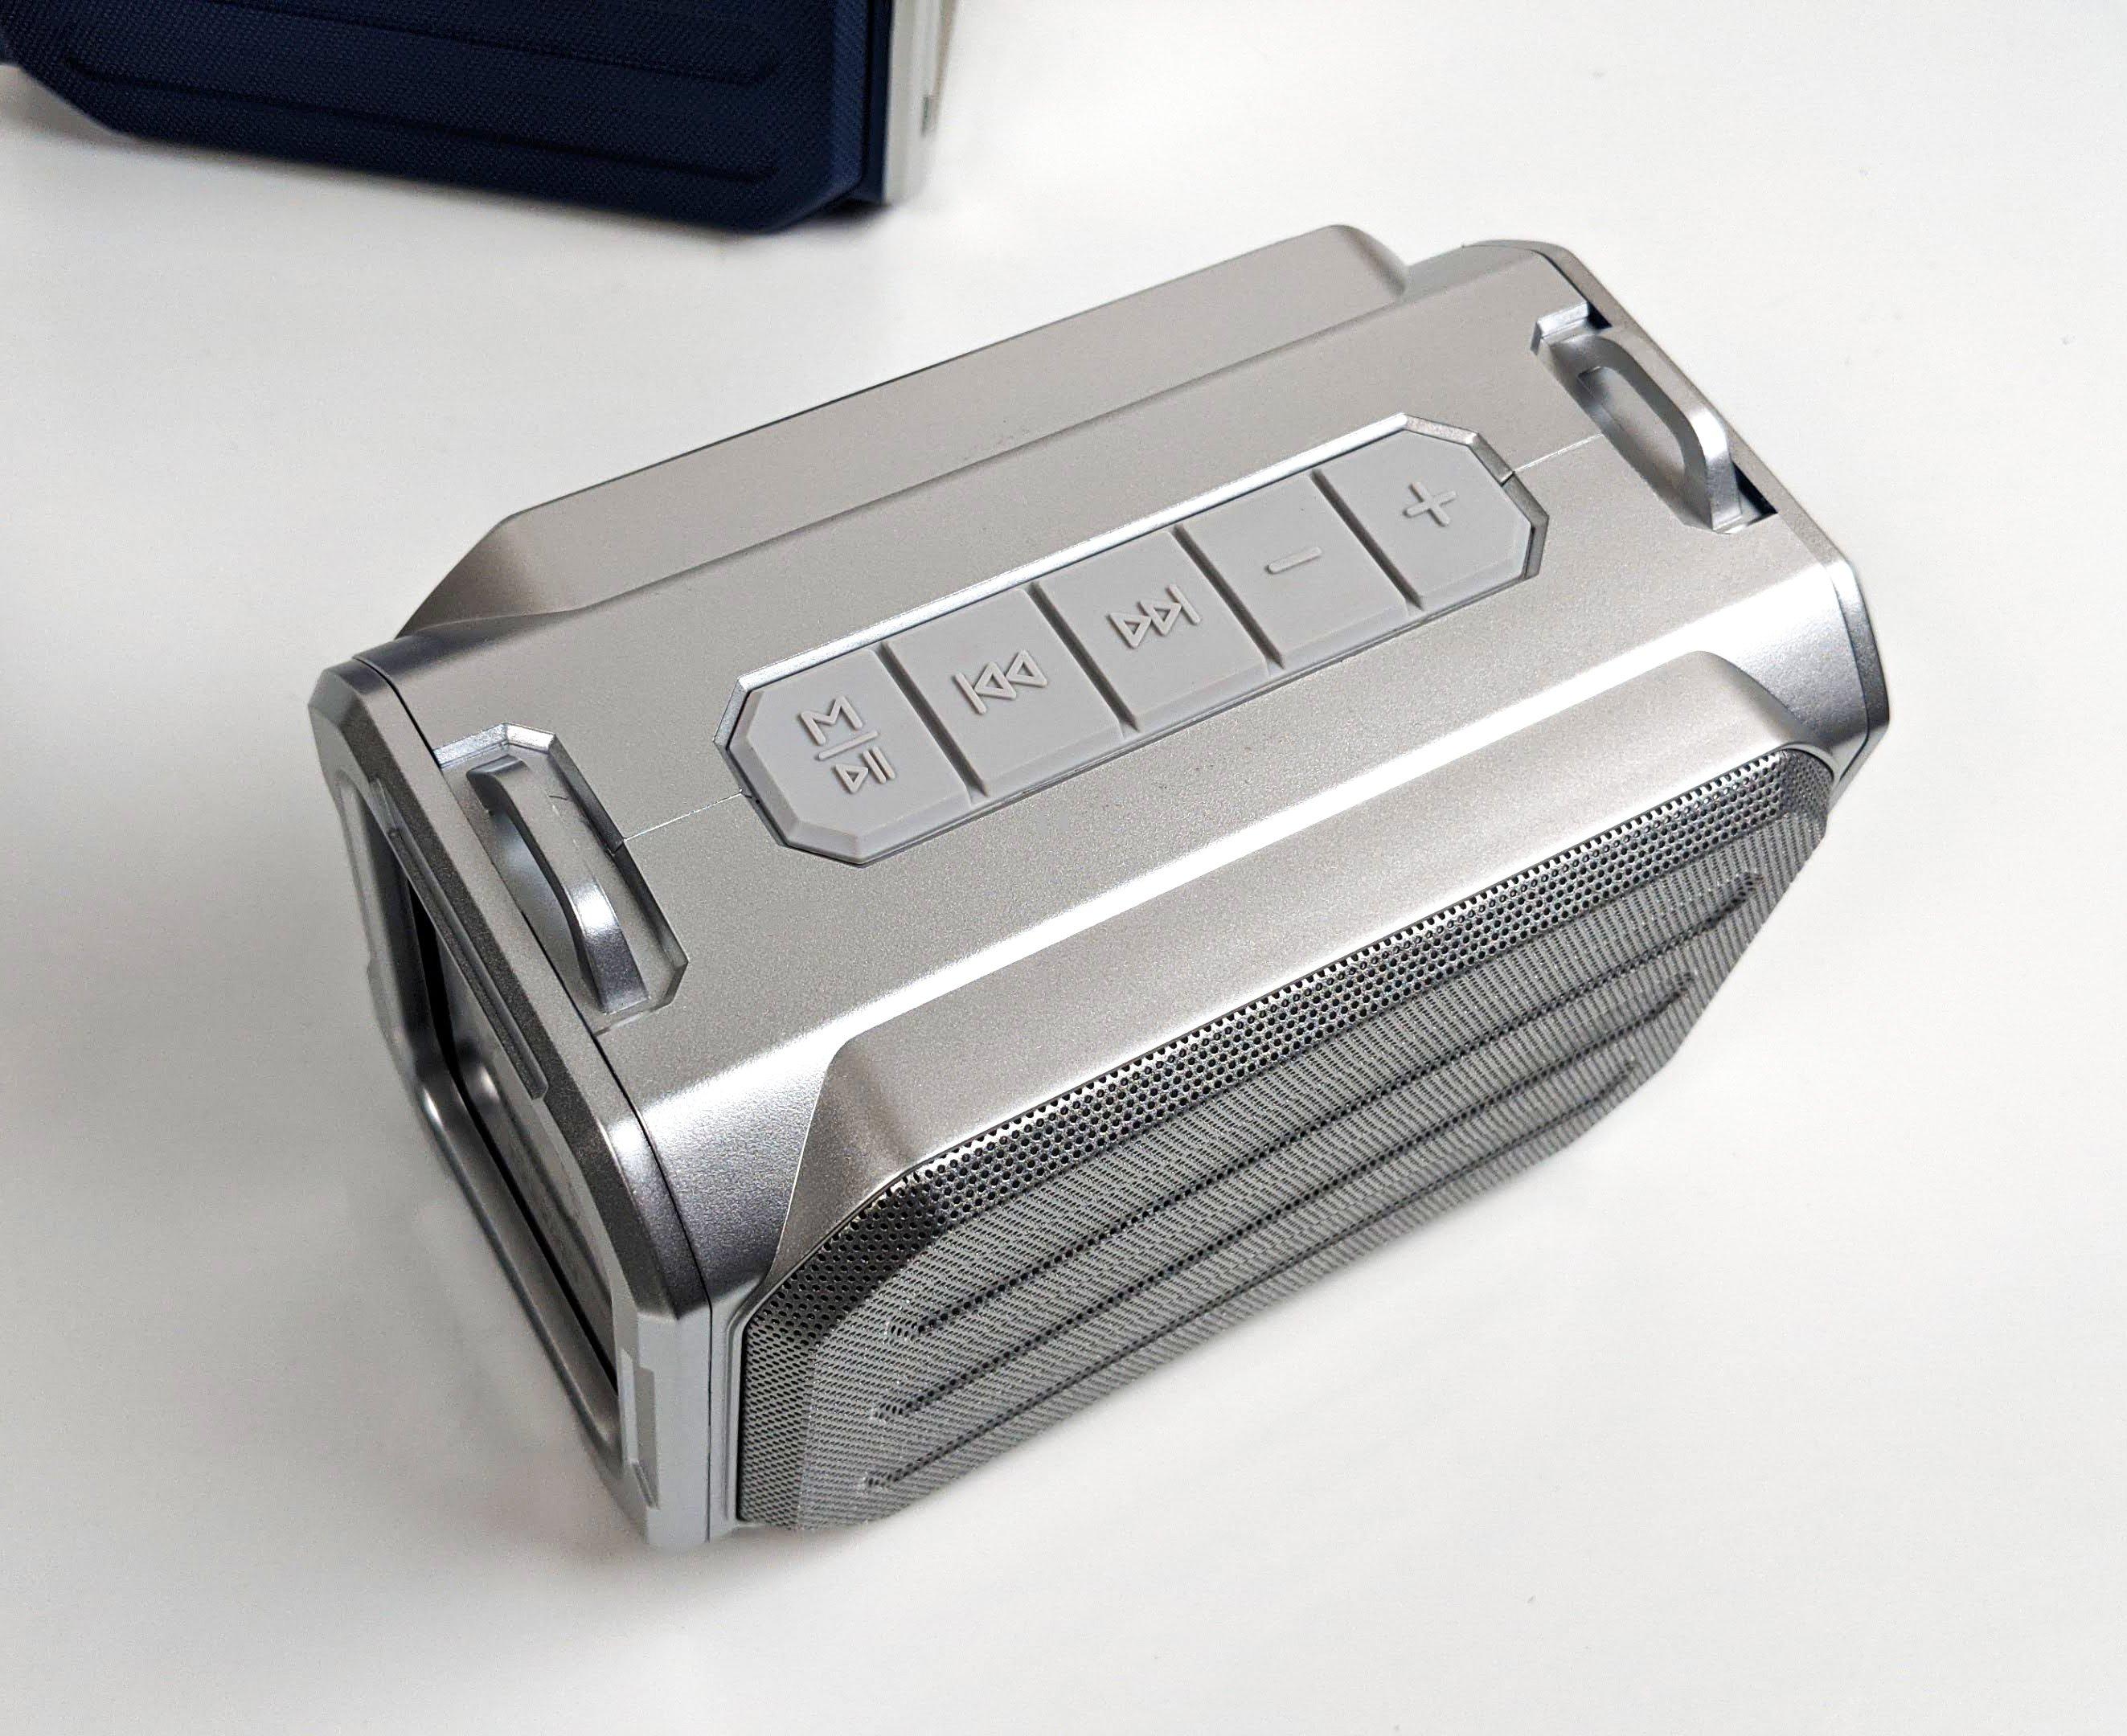 Loa Bluetooth Cao Cấp LANITH S159 - L000S159W - Tặng Kèm Cáp Sạc 3 Đầu - Thiết Kế Thời Trang, Nhỏ Gọn, Dây Đeo Chéo Vai - Âm Thanh Chất Lượng, Bass Trầm Ấm - Chống Thấm Nước - Hàng NHập Khẩu